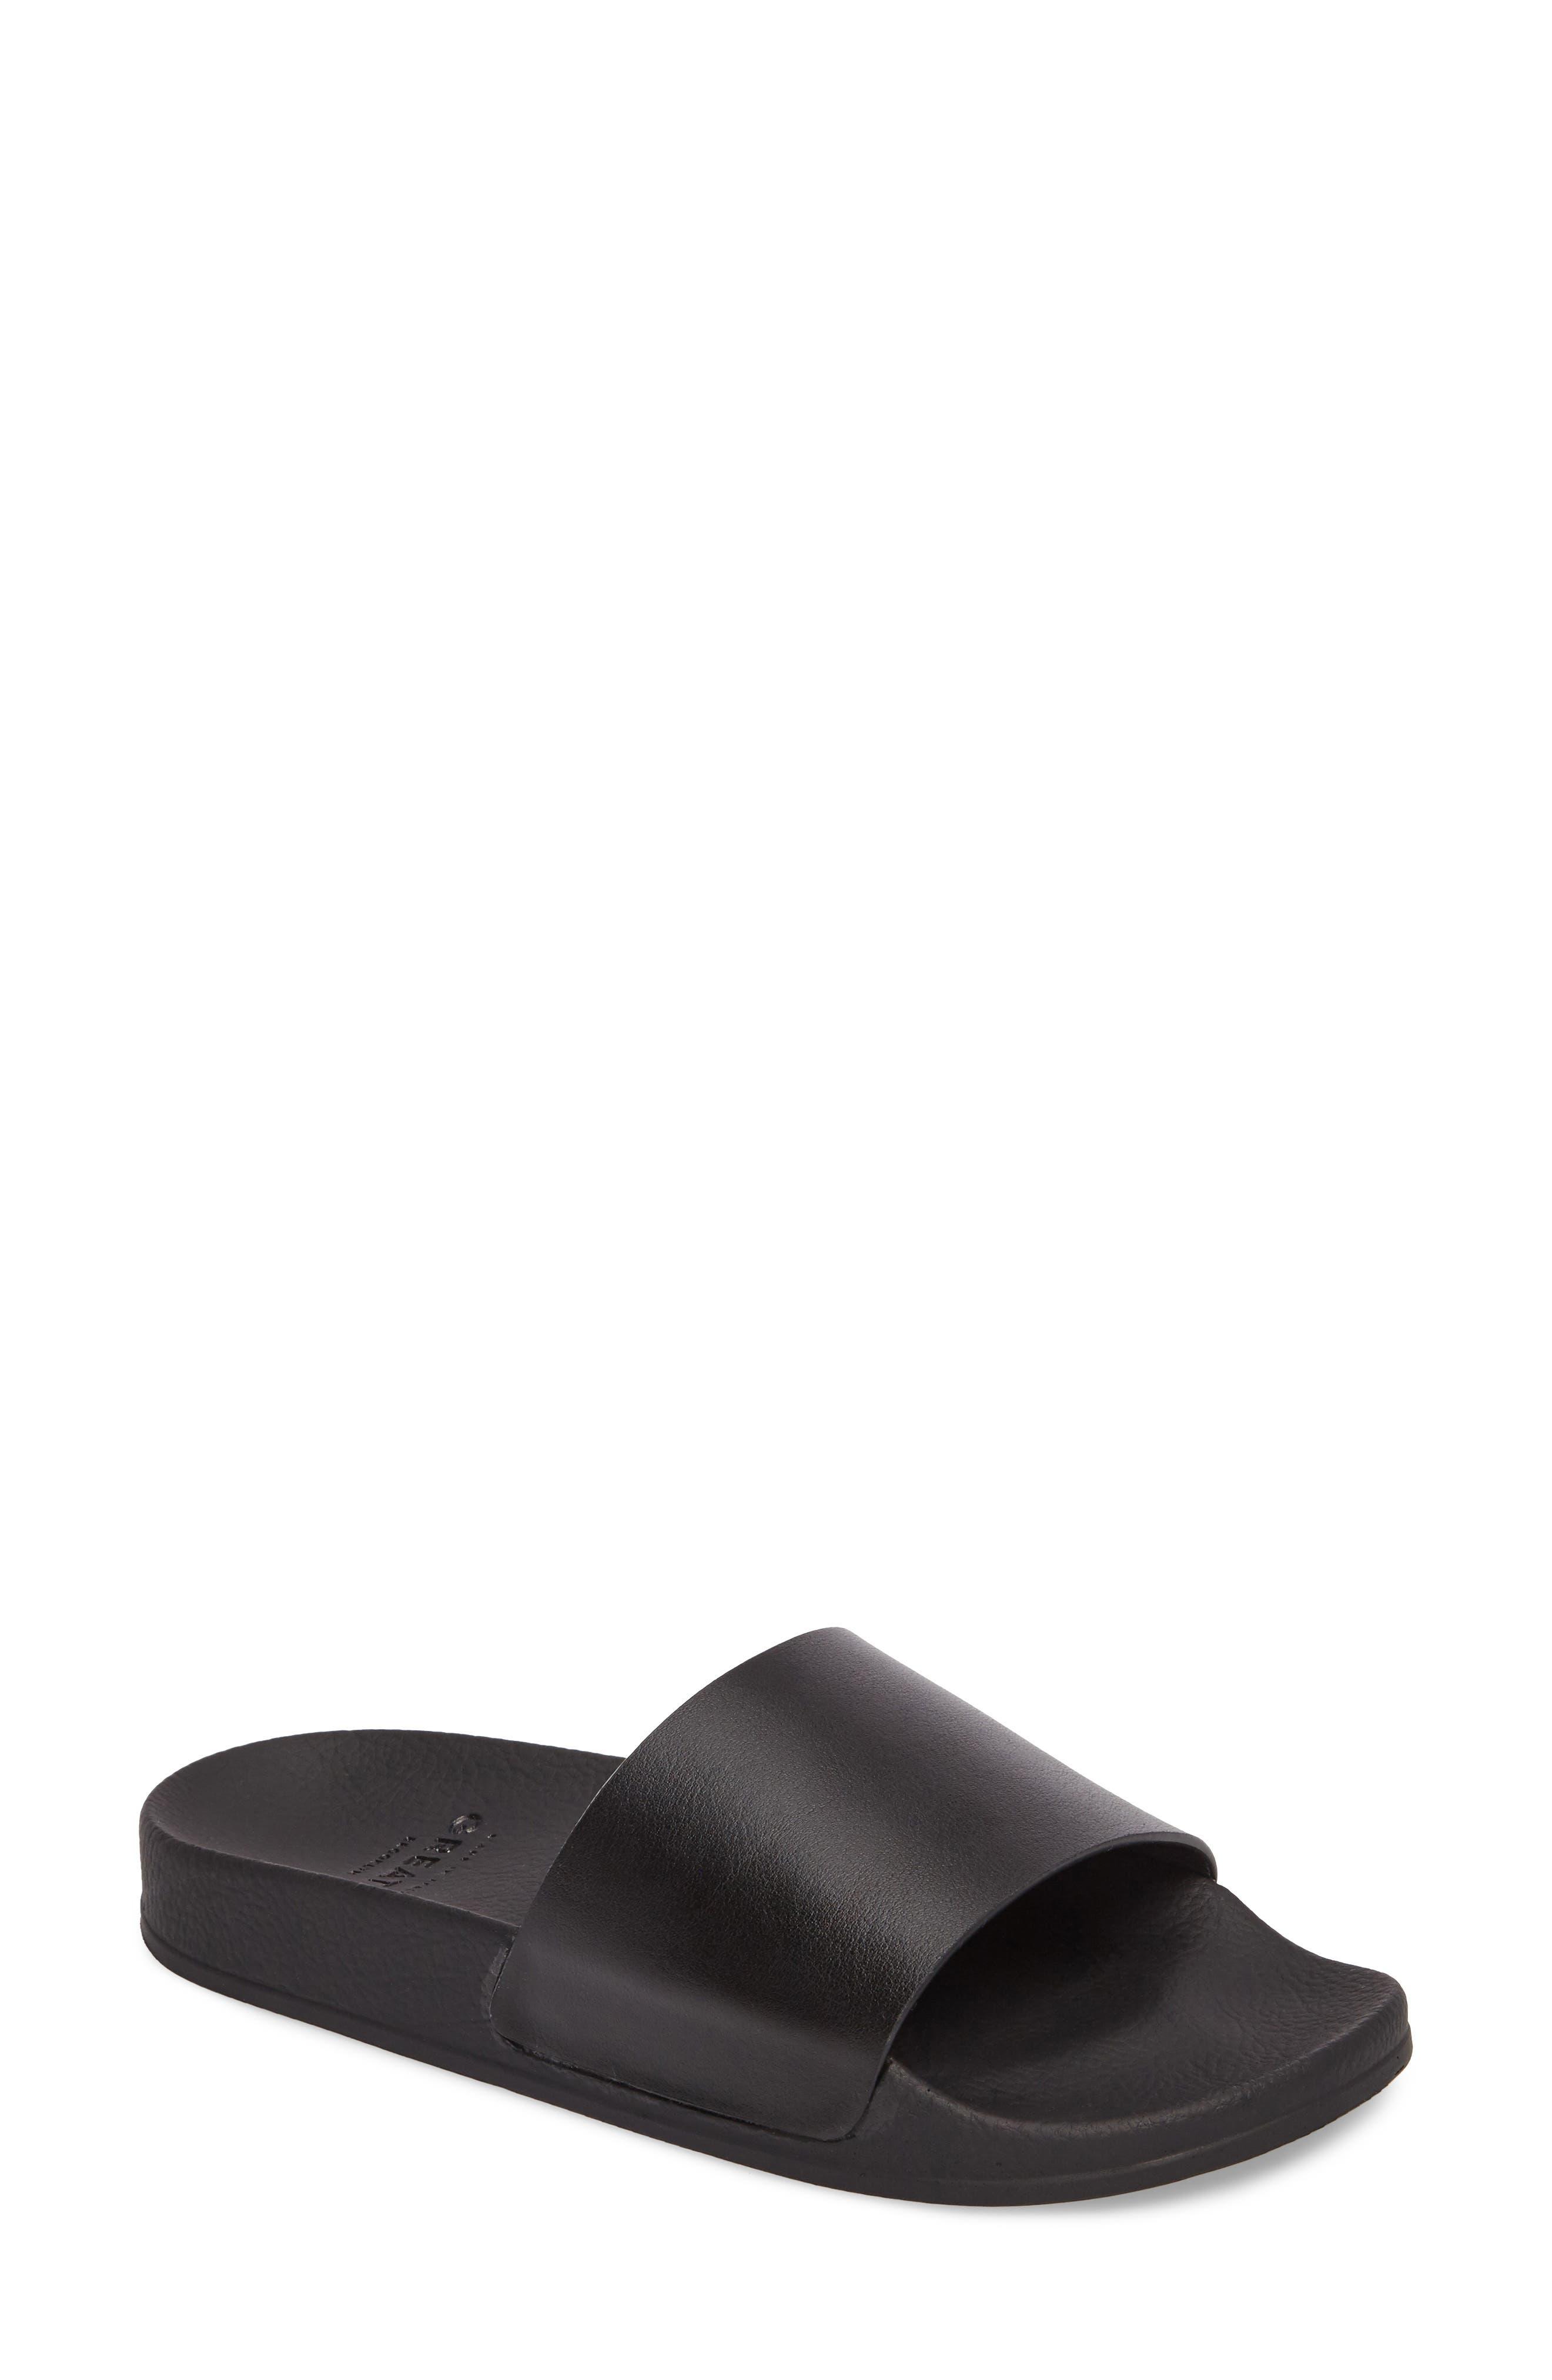 Amalfi Slide Sandal,                             Main thumbnail 1, color,                             001